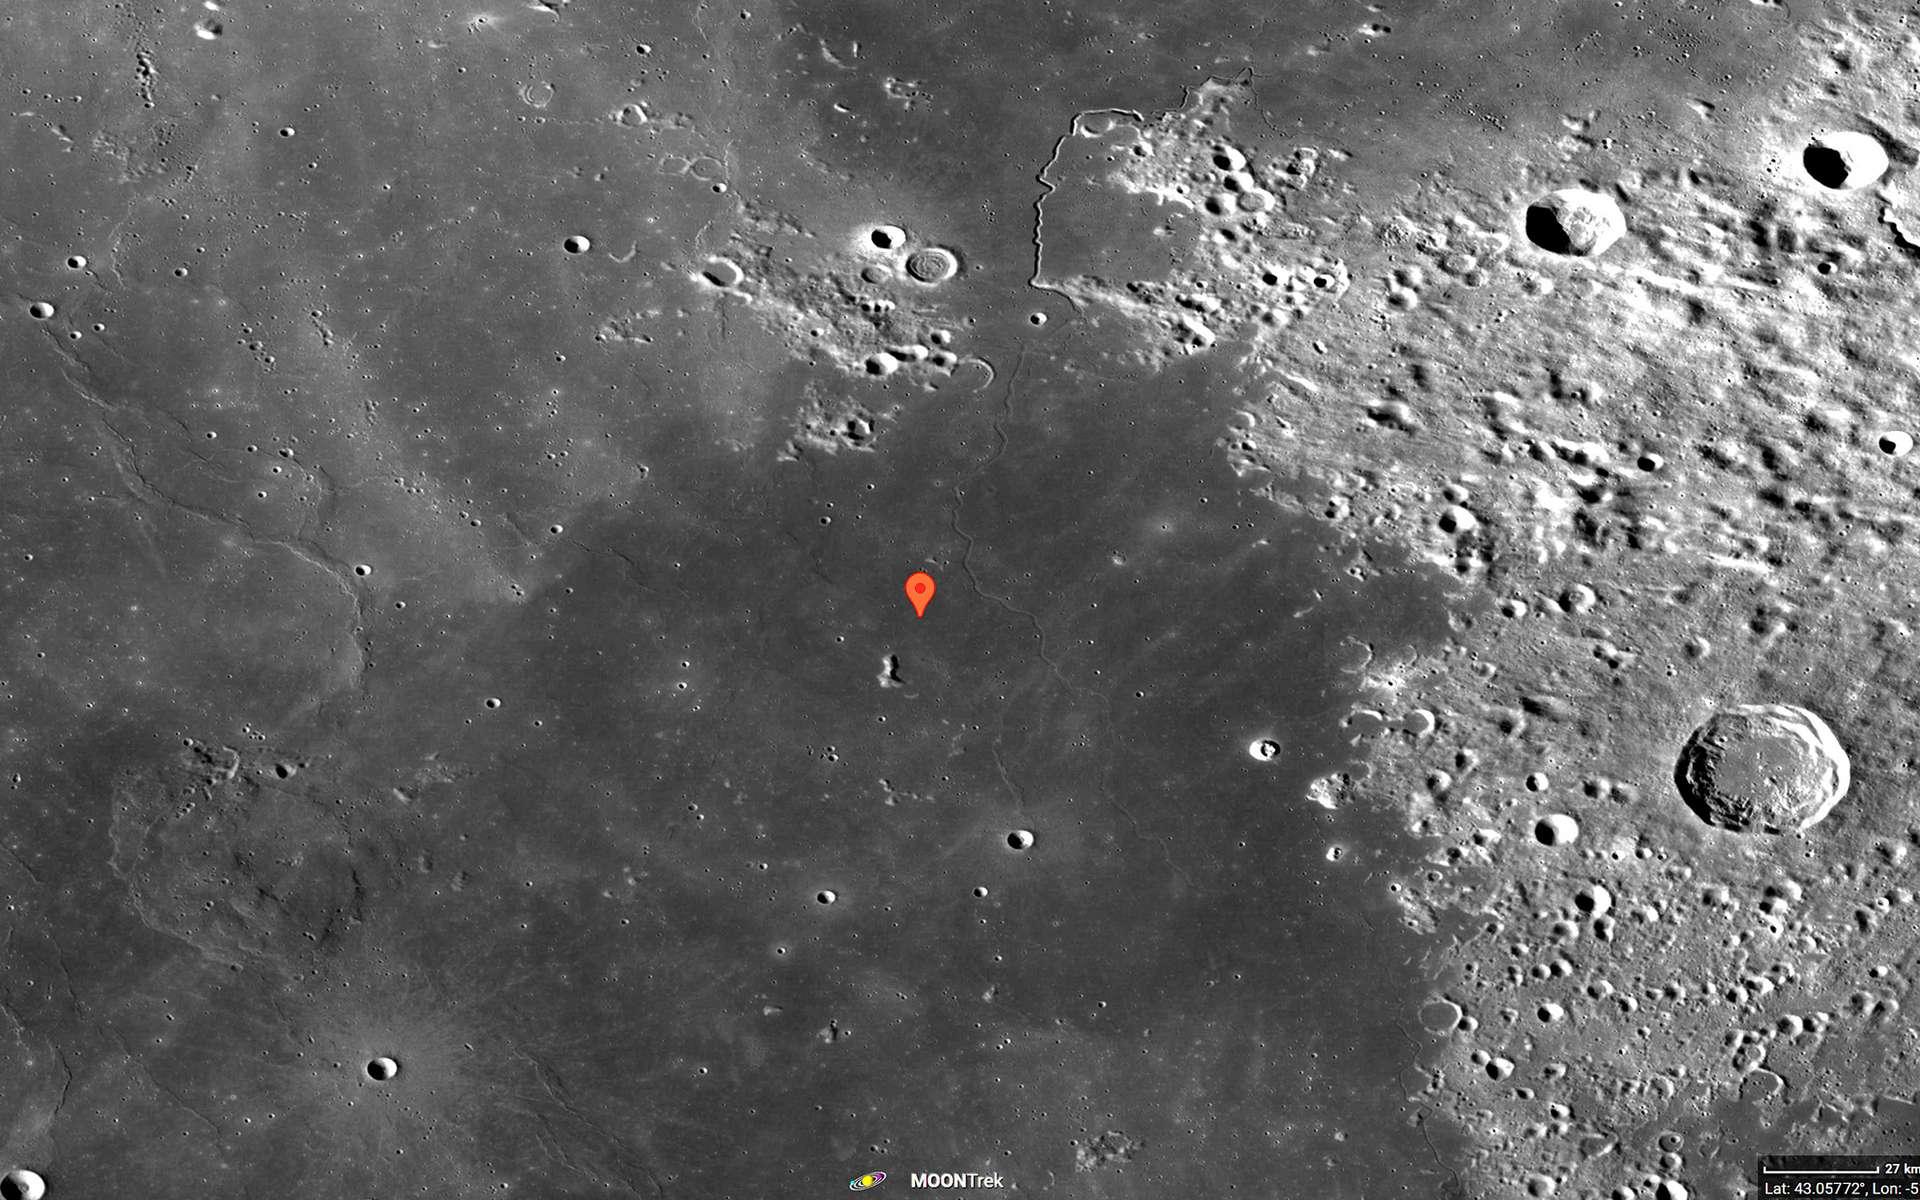 La région de Mons Rümker, dans l'océan des Tempêtes, site d'atterrissage de la mission Chang'e 5. Image acquise par la sonde LRO de la Nasa. © Nasa, Moon Trek